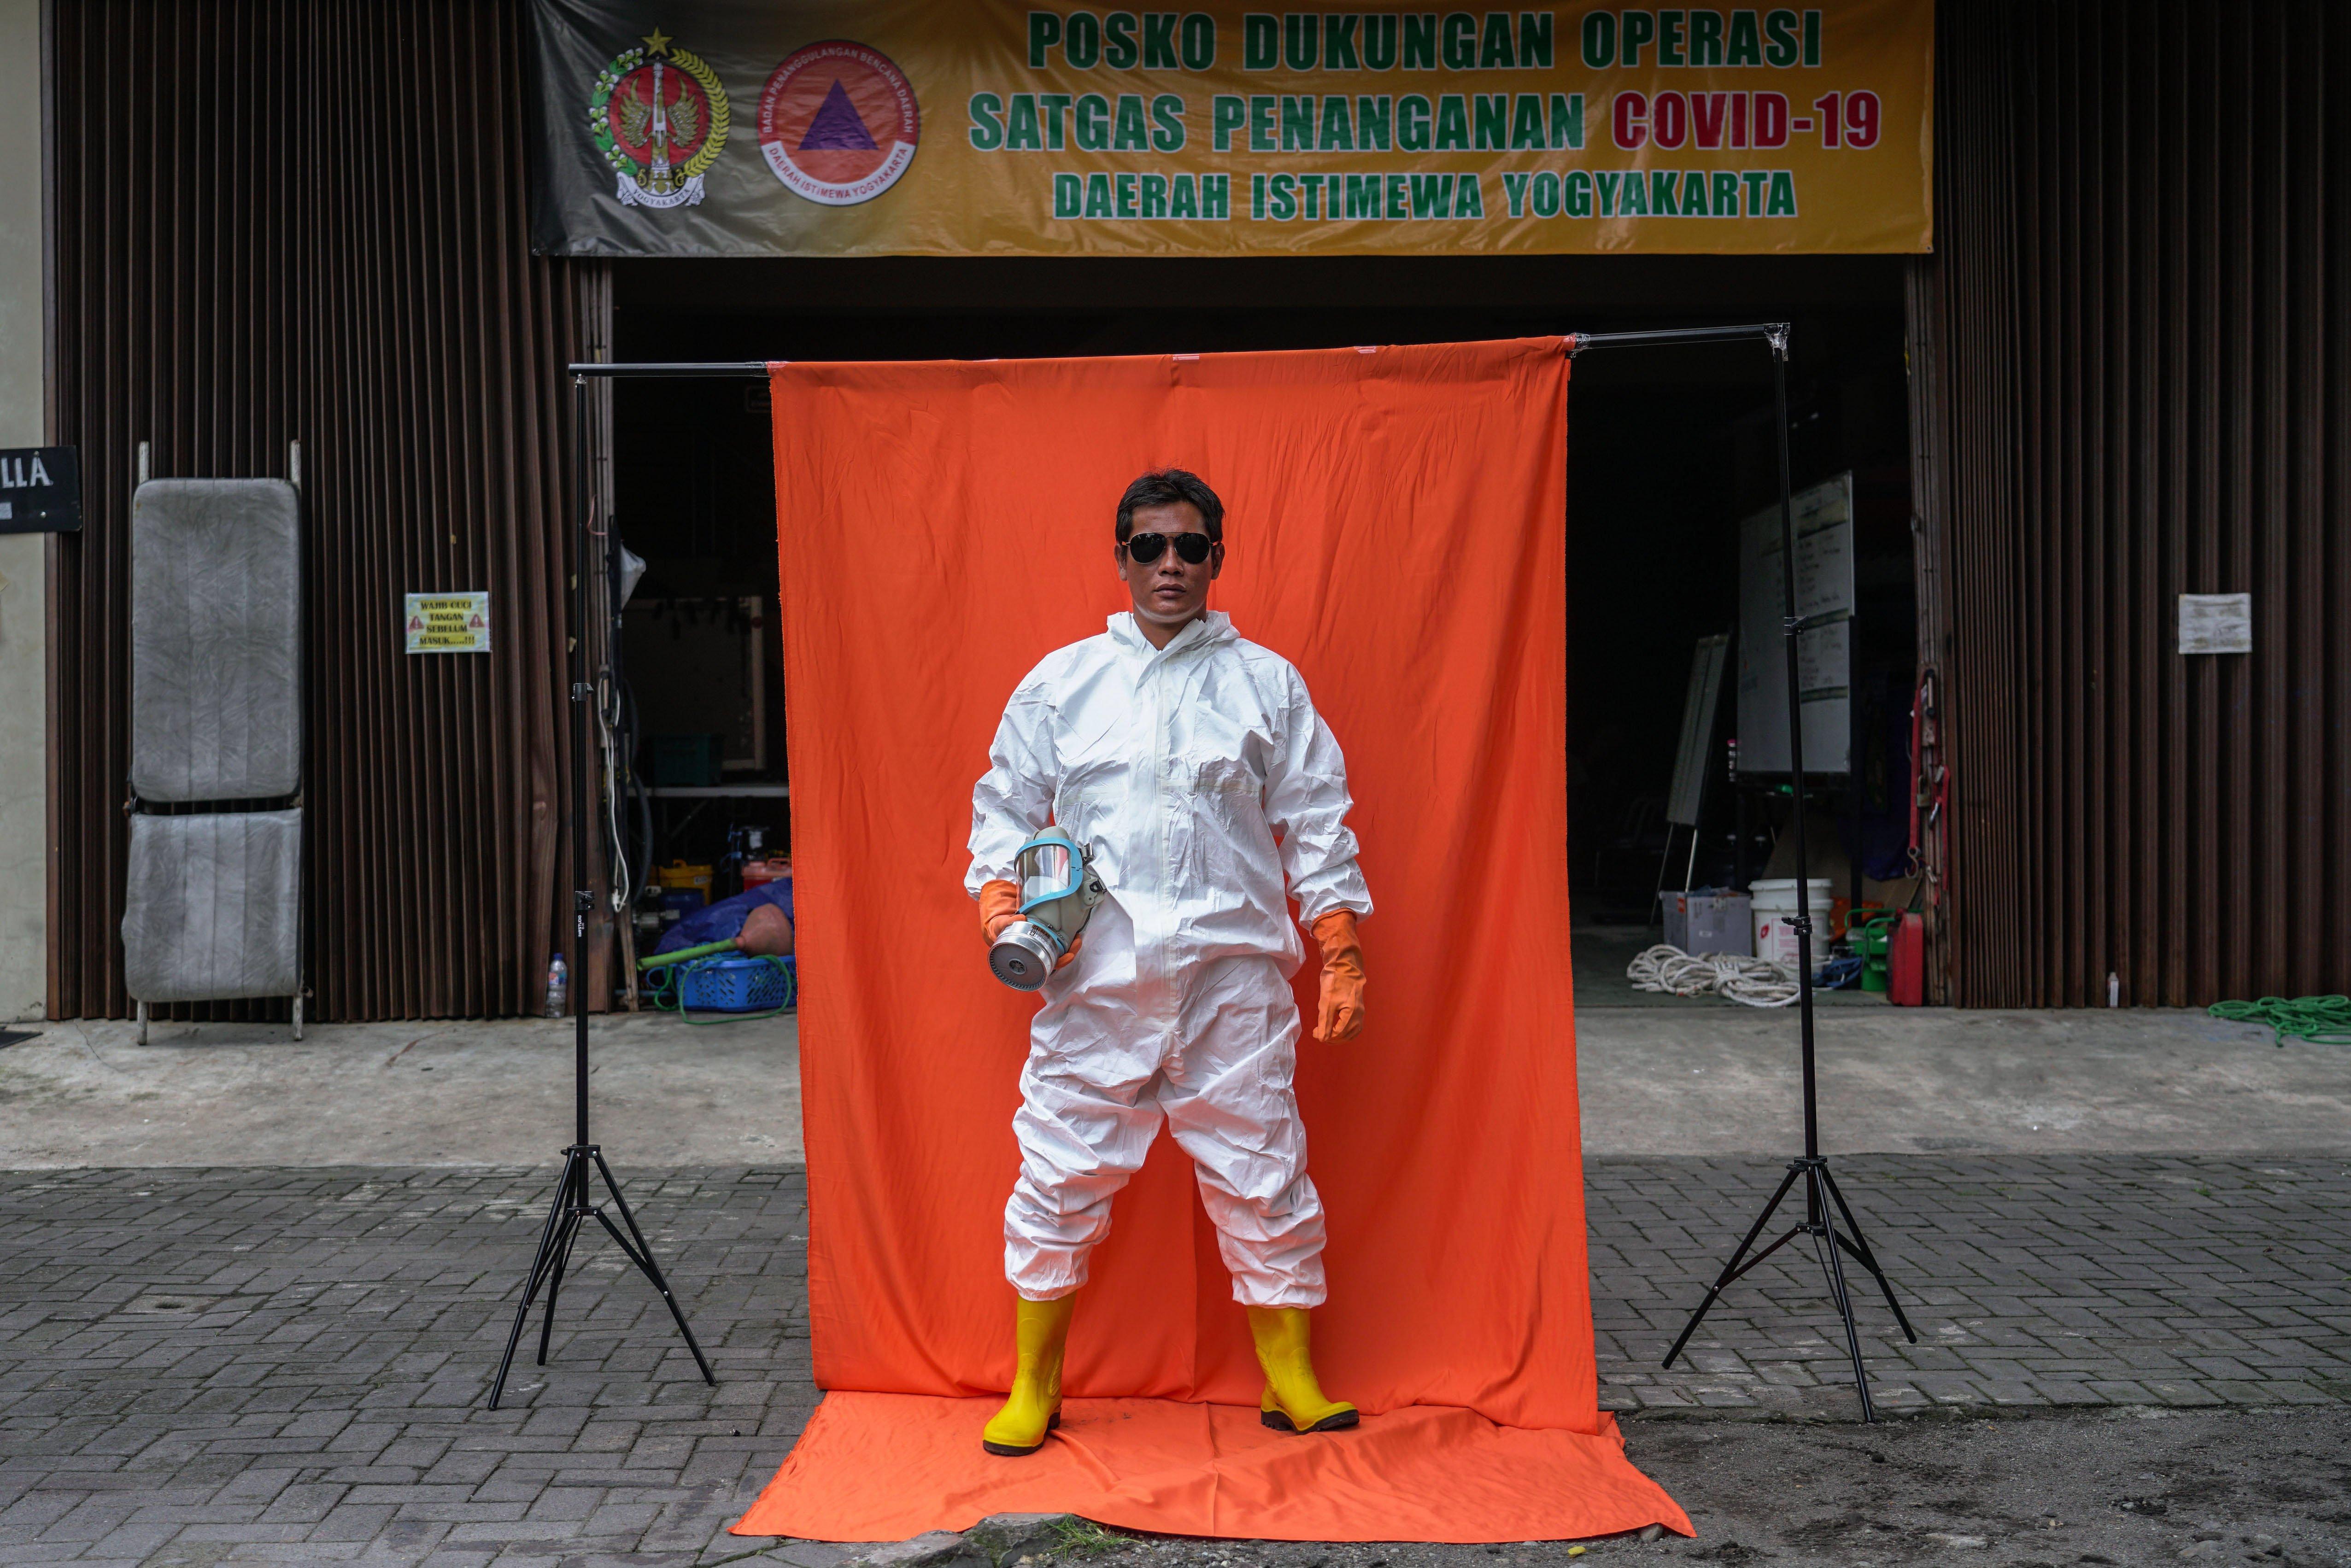 Relawan Tim Kubur Cepat Andri Susanto berpose di Posko Dukungan Operasi Satgas Penanganan COVID-19 DIY, Kantor TRC BPBD DIY di Yogyakarta.